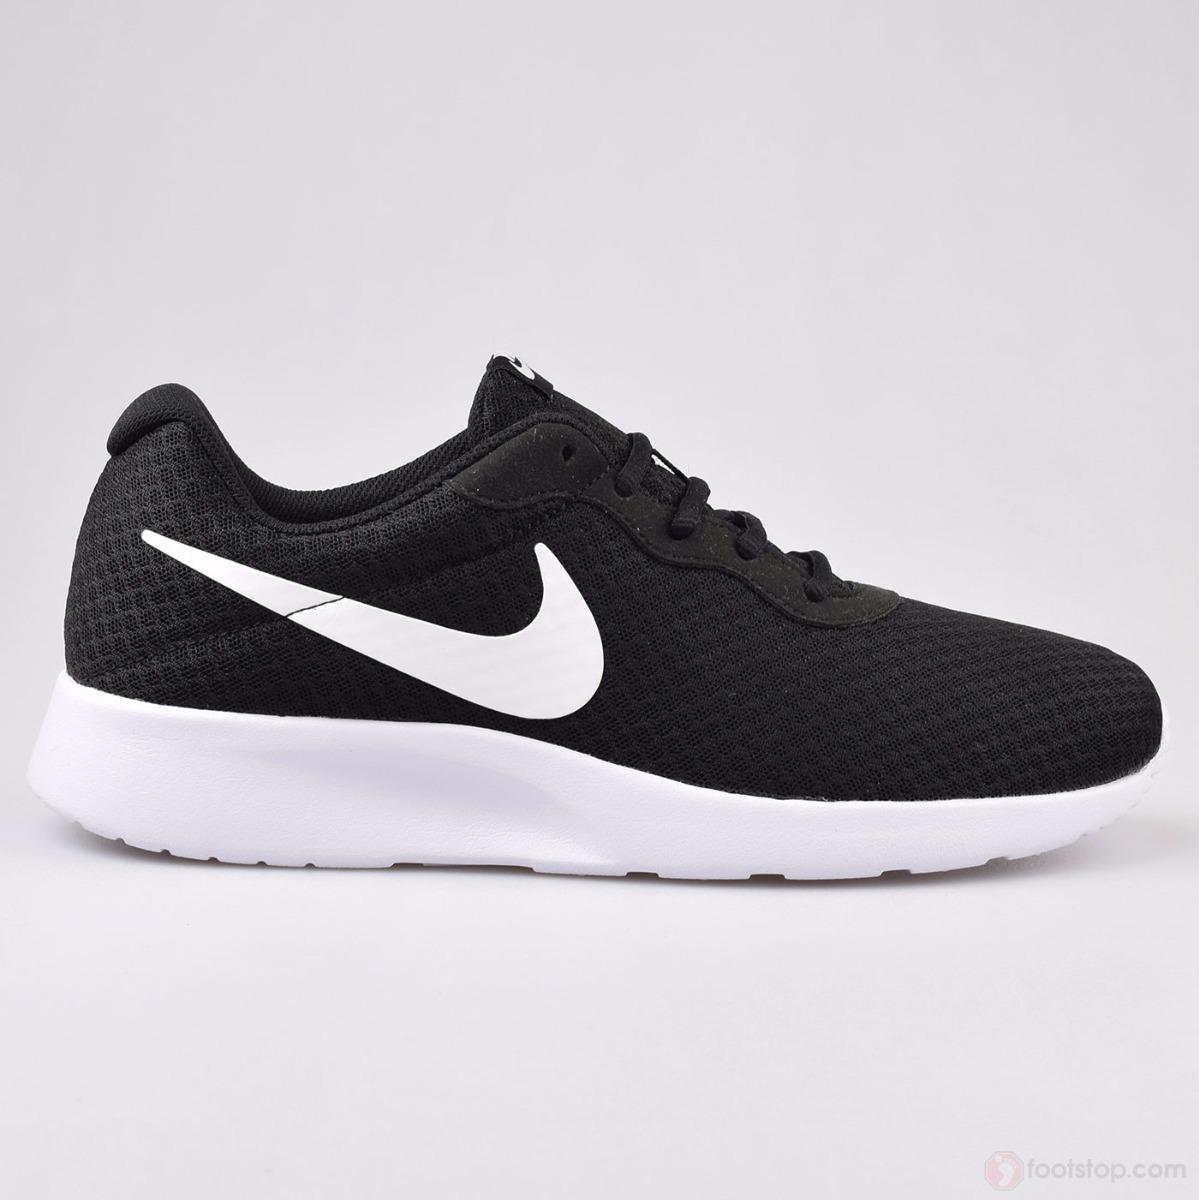 f571539d5ad Nike Tanjun SE - Zapatillas Hombre (45) ... deportivas nike tanjun negras  agotado tenis nike tanjun rojo con blanco 812654 616 ...